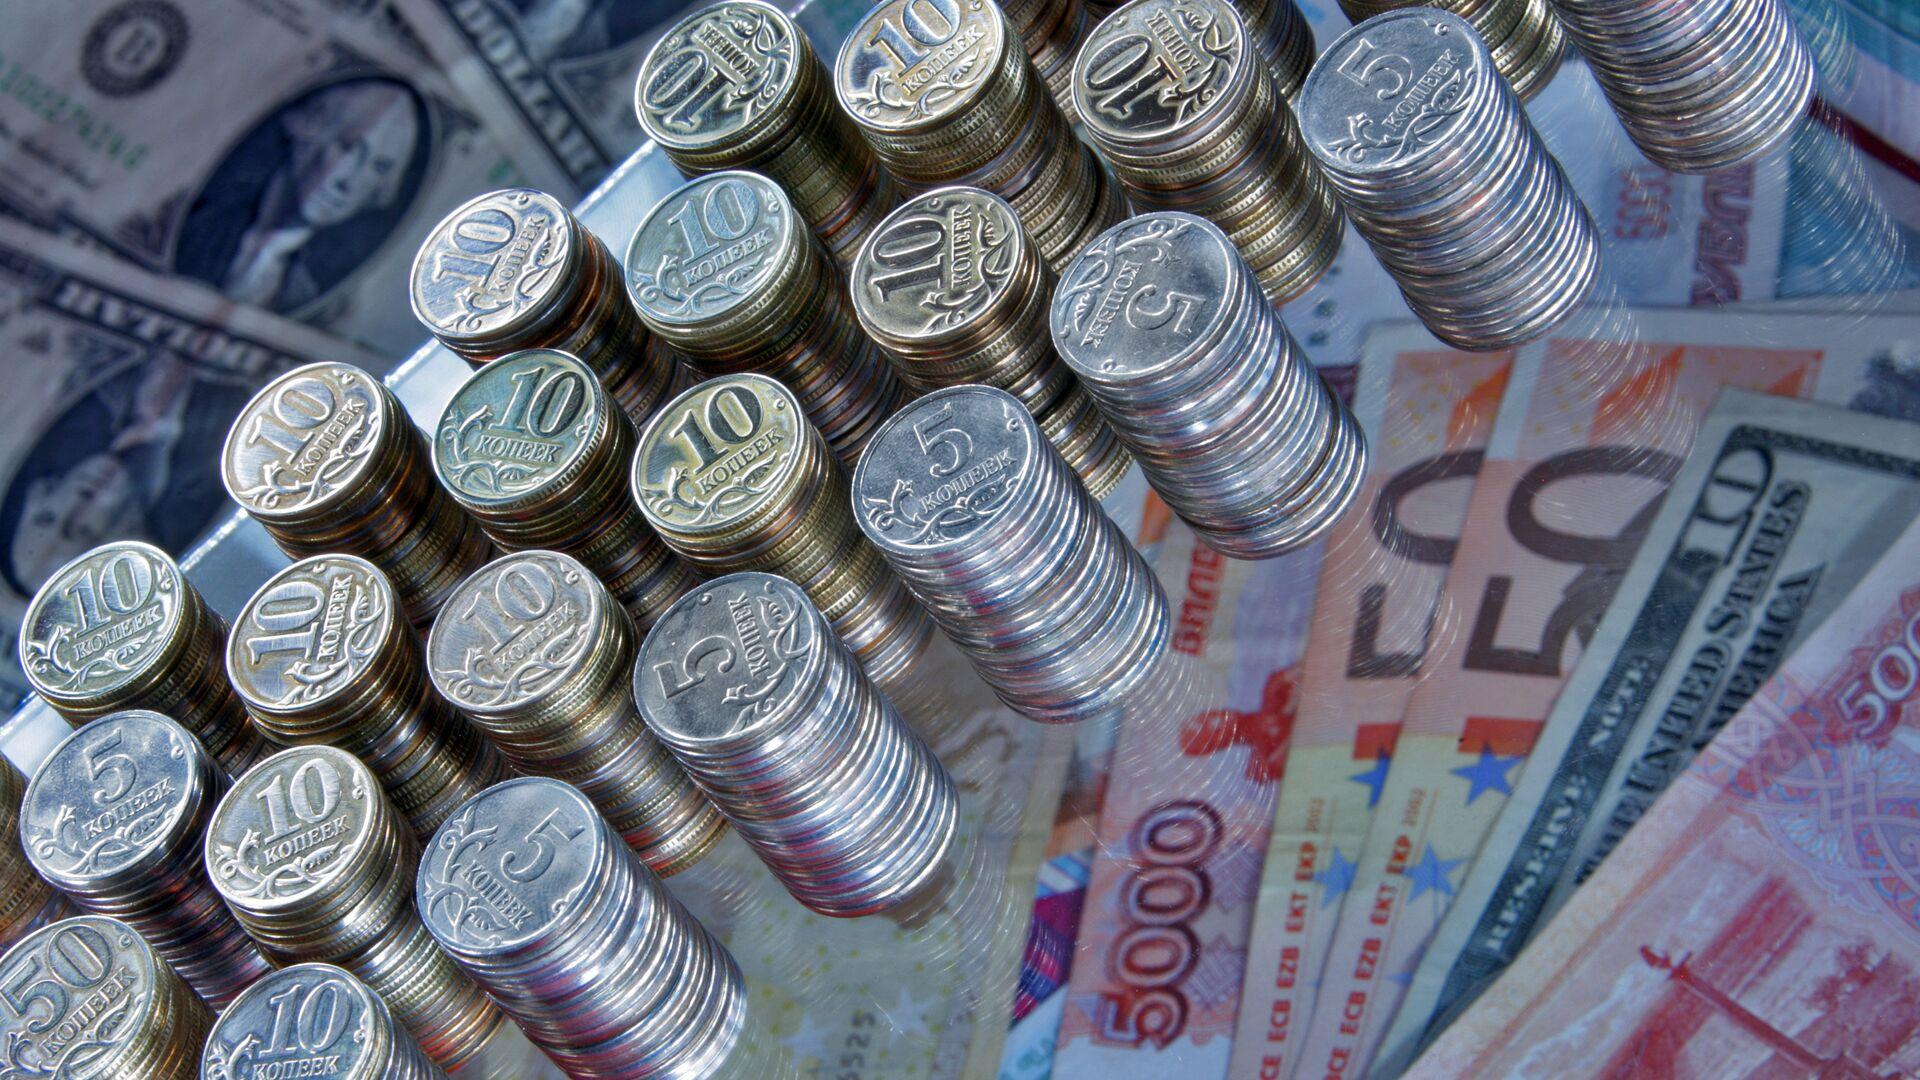 Рубли, евро и доллары. Архивное фото - РИА Новости, 1920, 22.01.2021